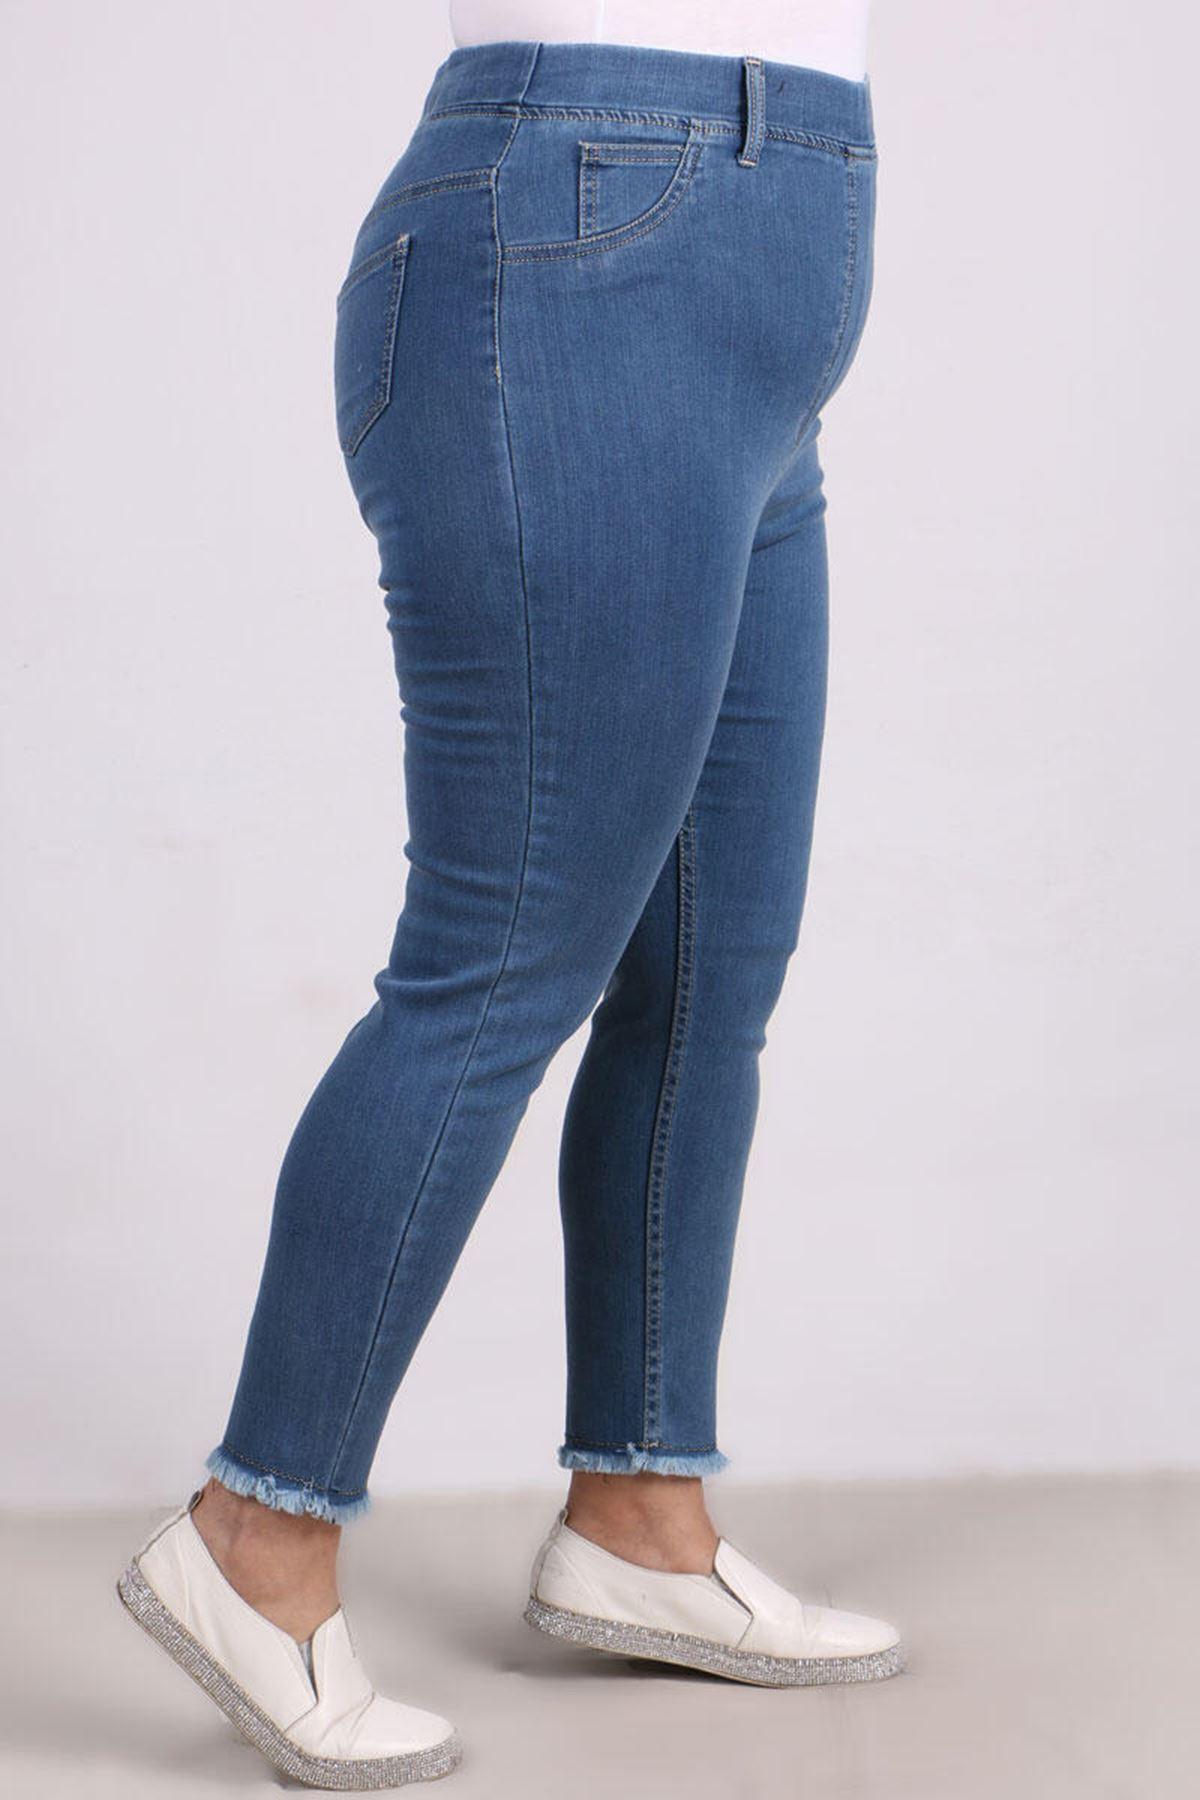 9138  Büyük Beden Beli Lastikli Püsküllü Dar Paça Kot Pantalon- Mavi